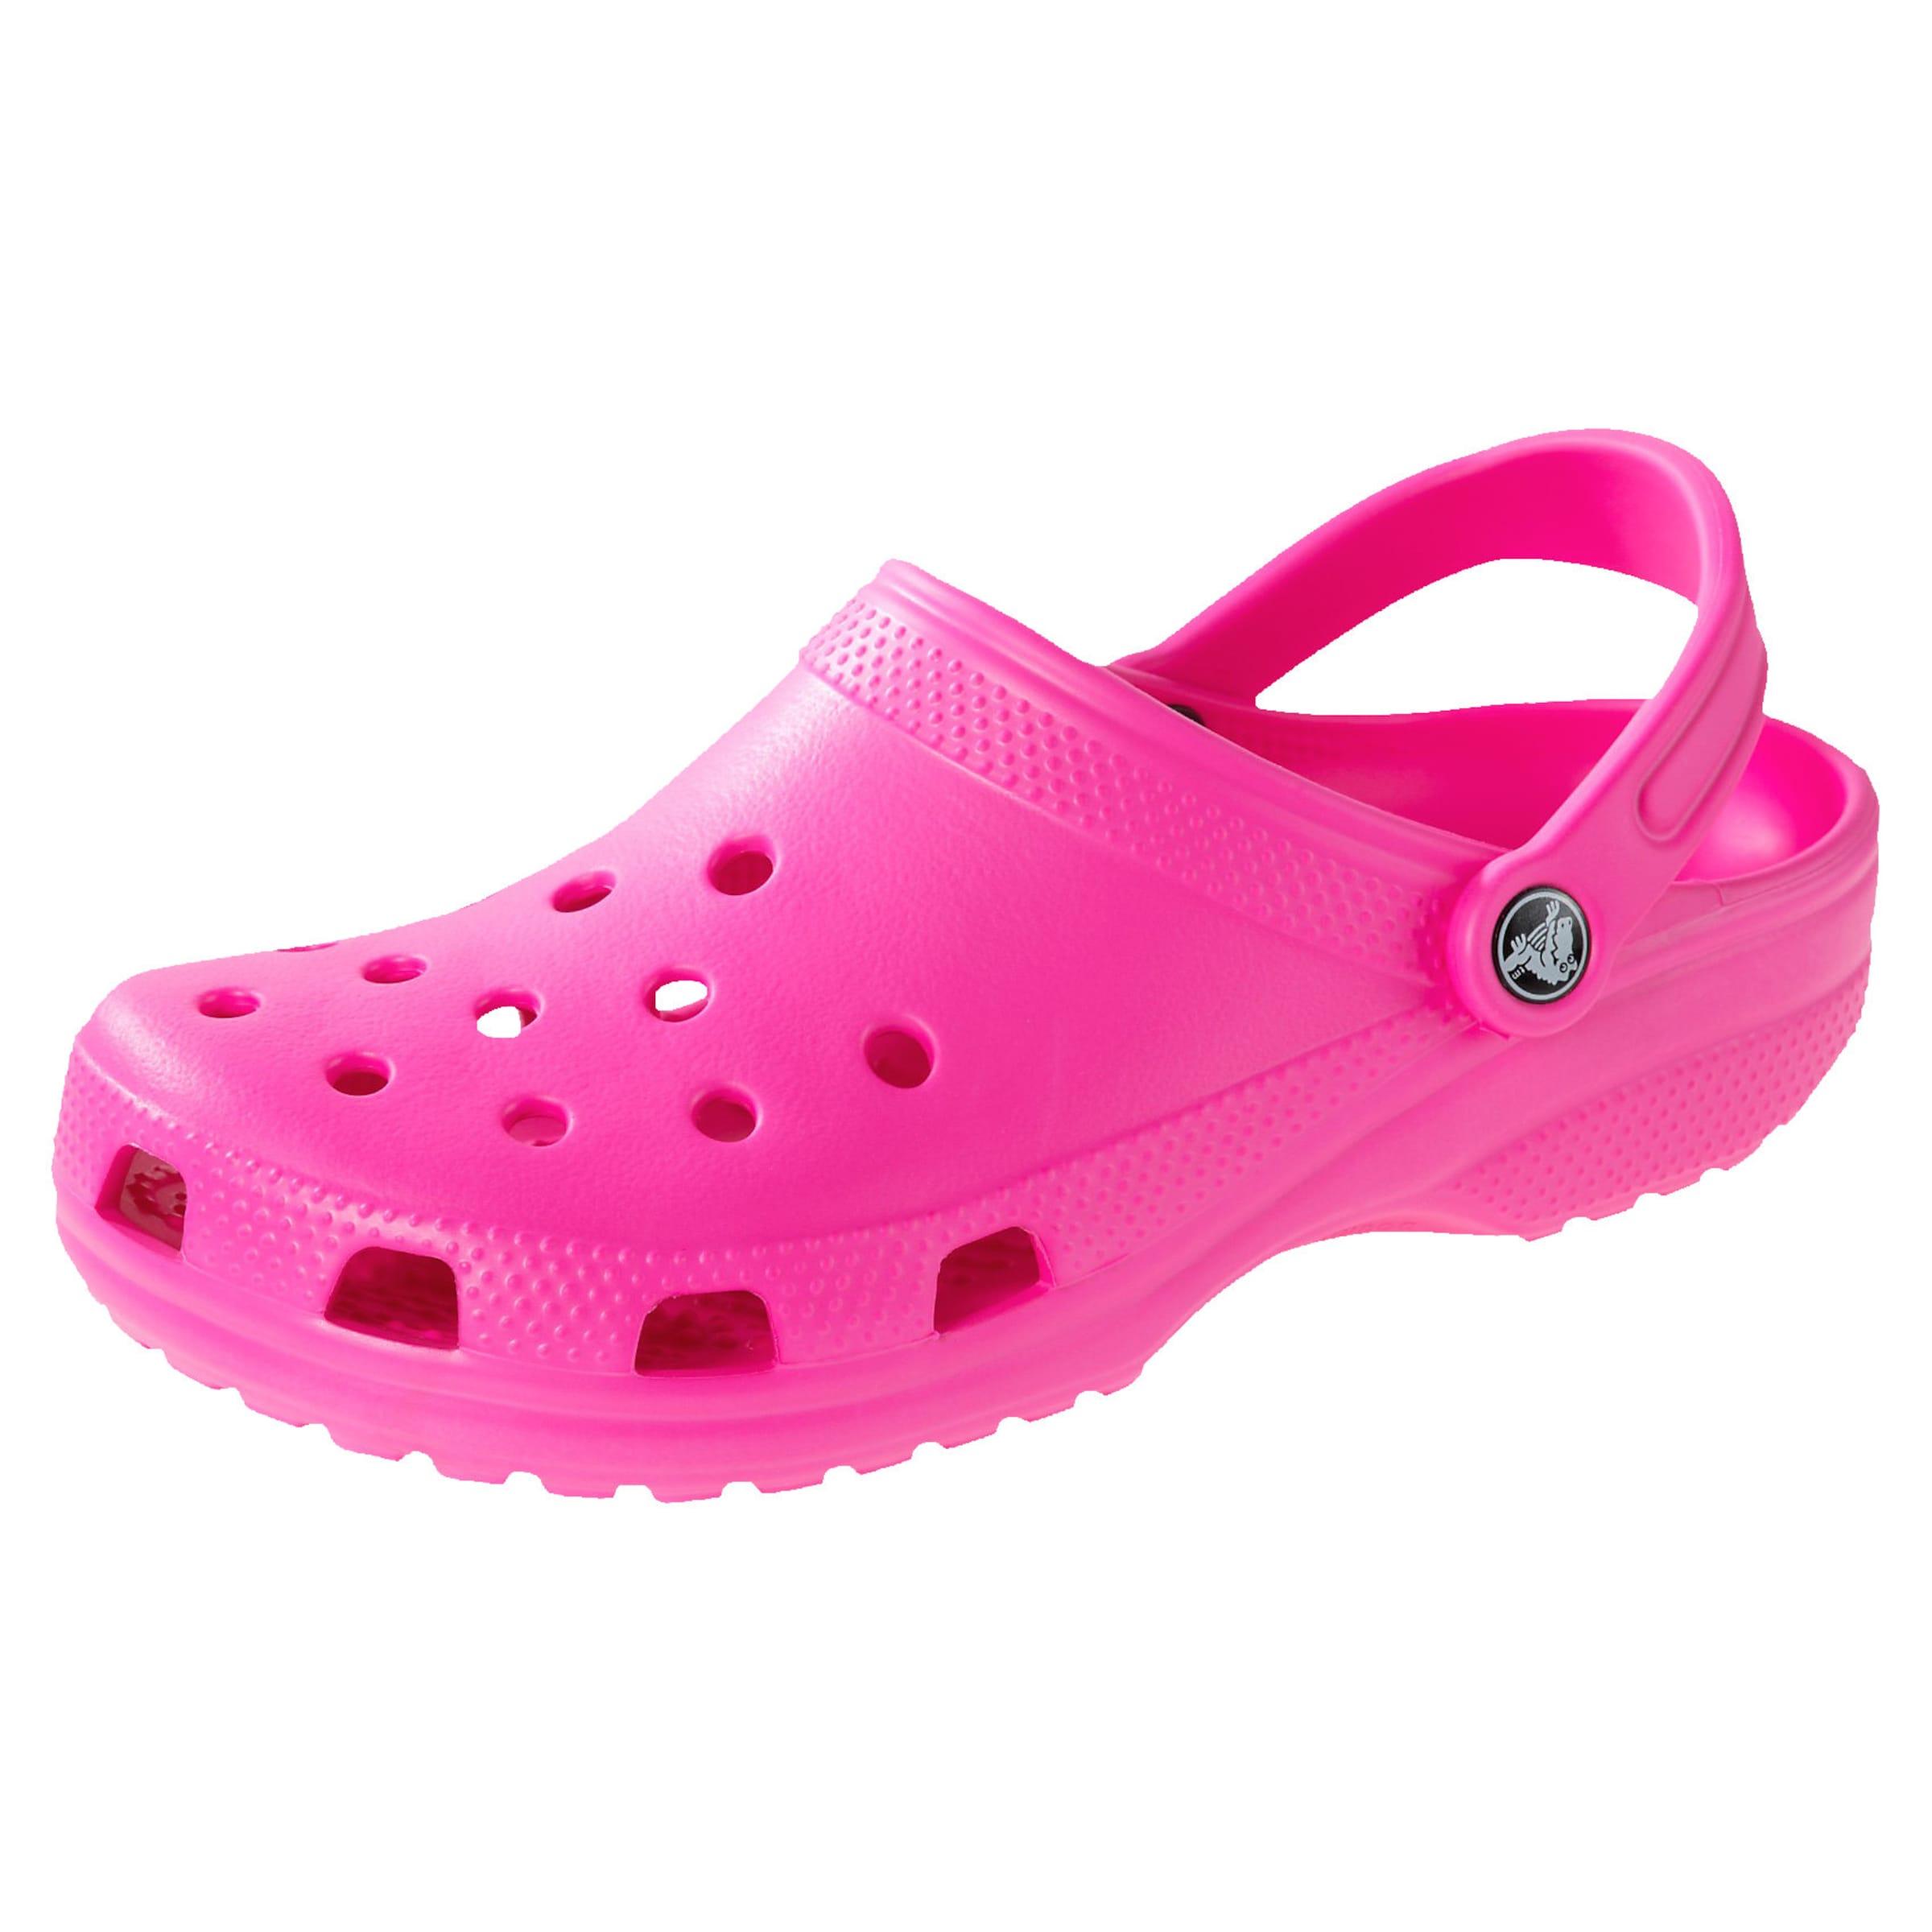 Crocs Clogs Crocs Classic Classic Classic Clogs Crocs Crocs Clogs Classic Crocs Classic Crocs Clogs Classic Clogs HdvqwHF